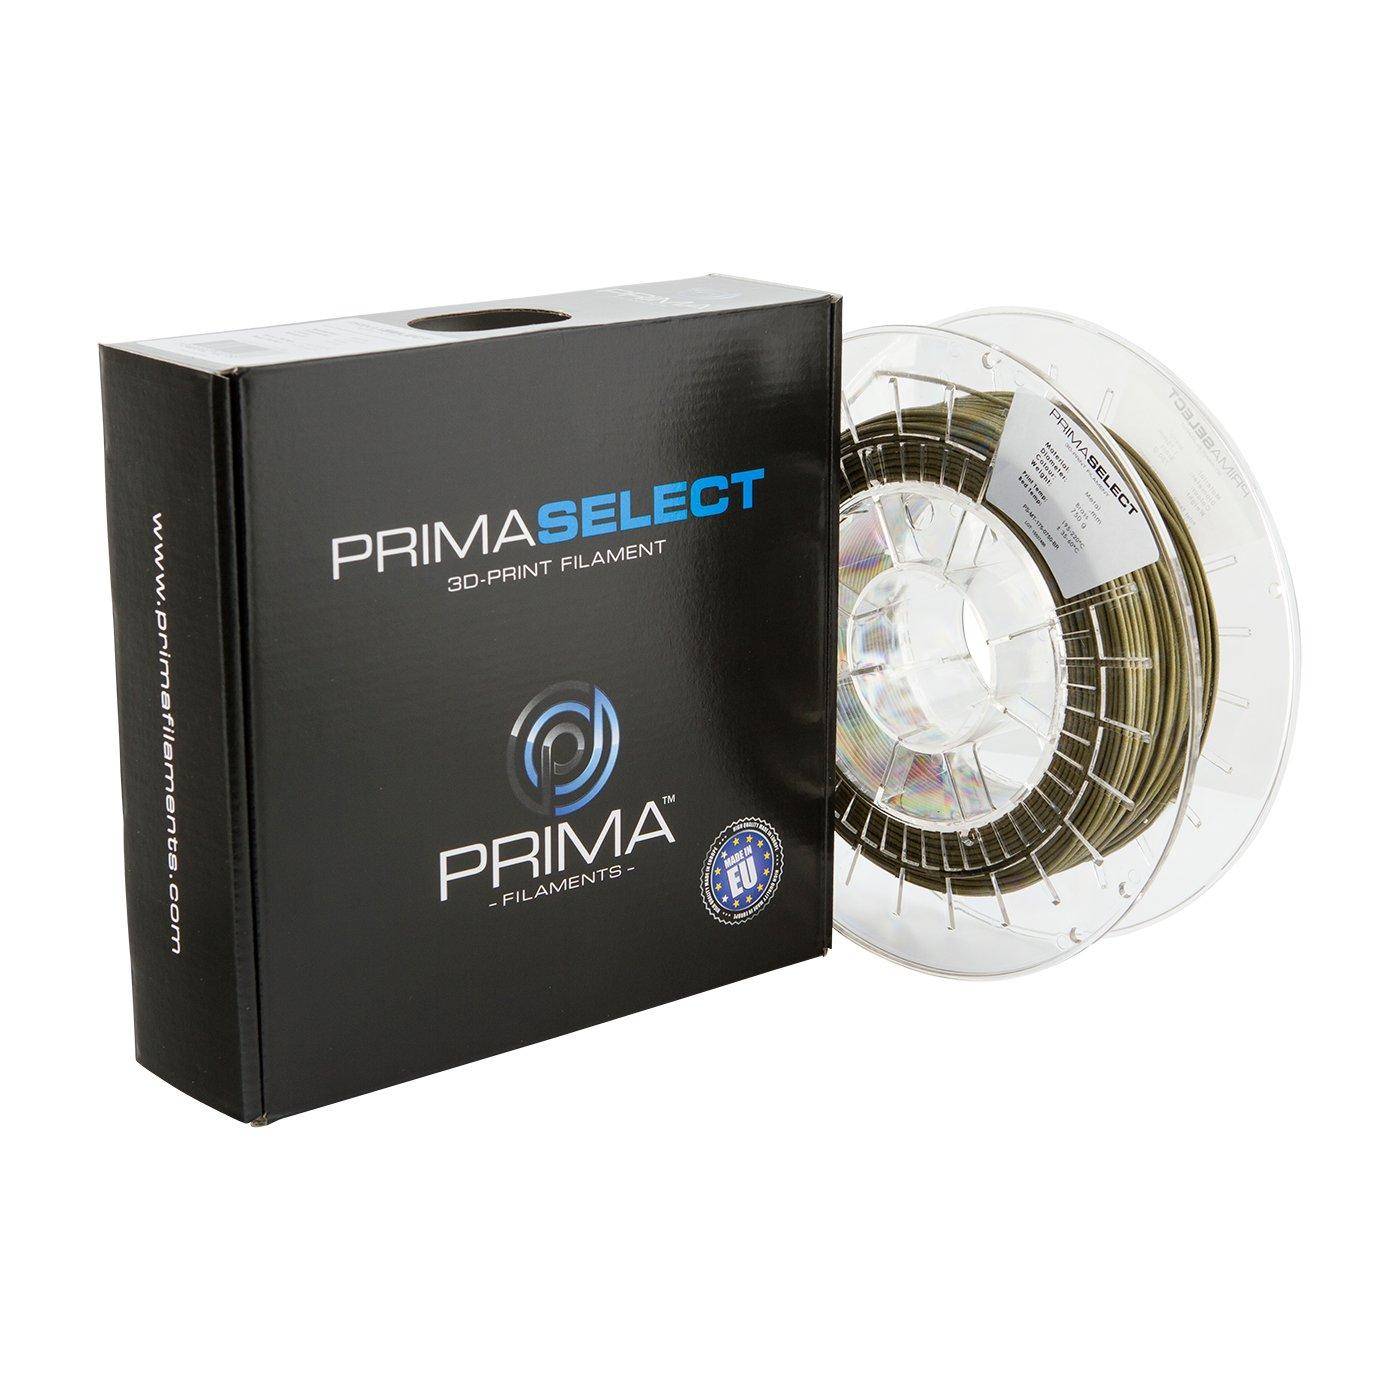 Primaselect Métal Filament